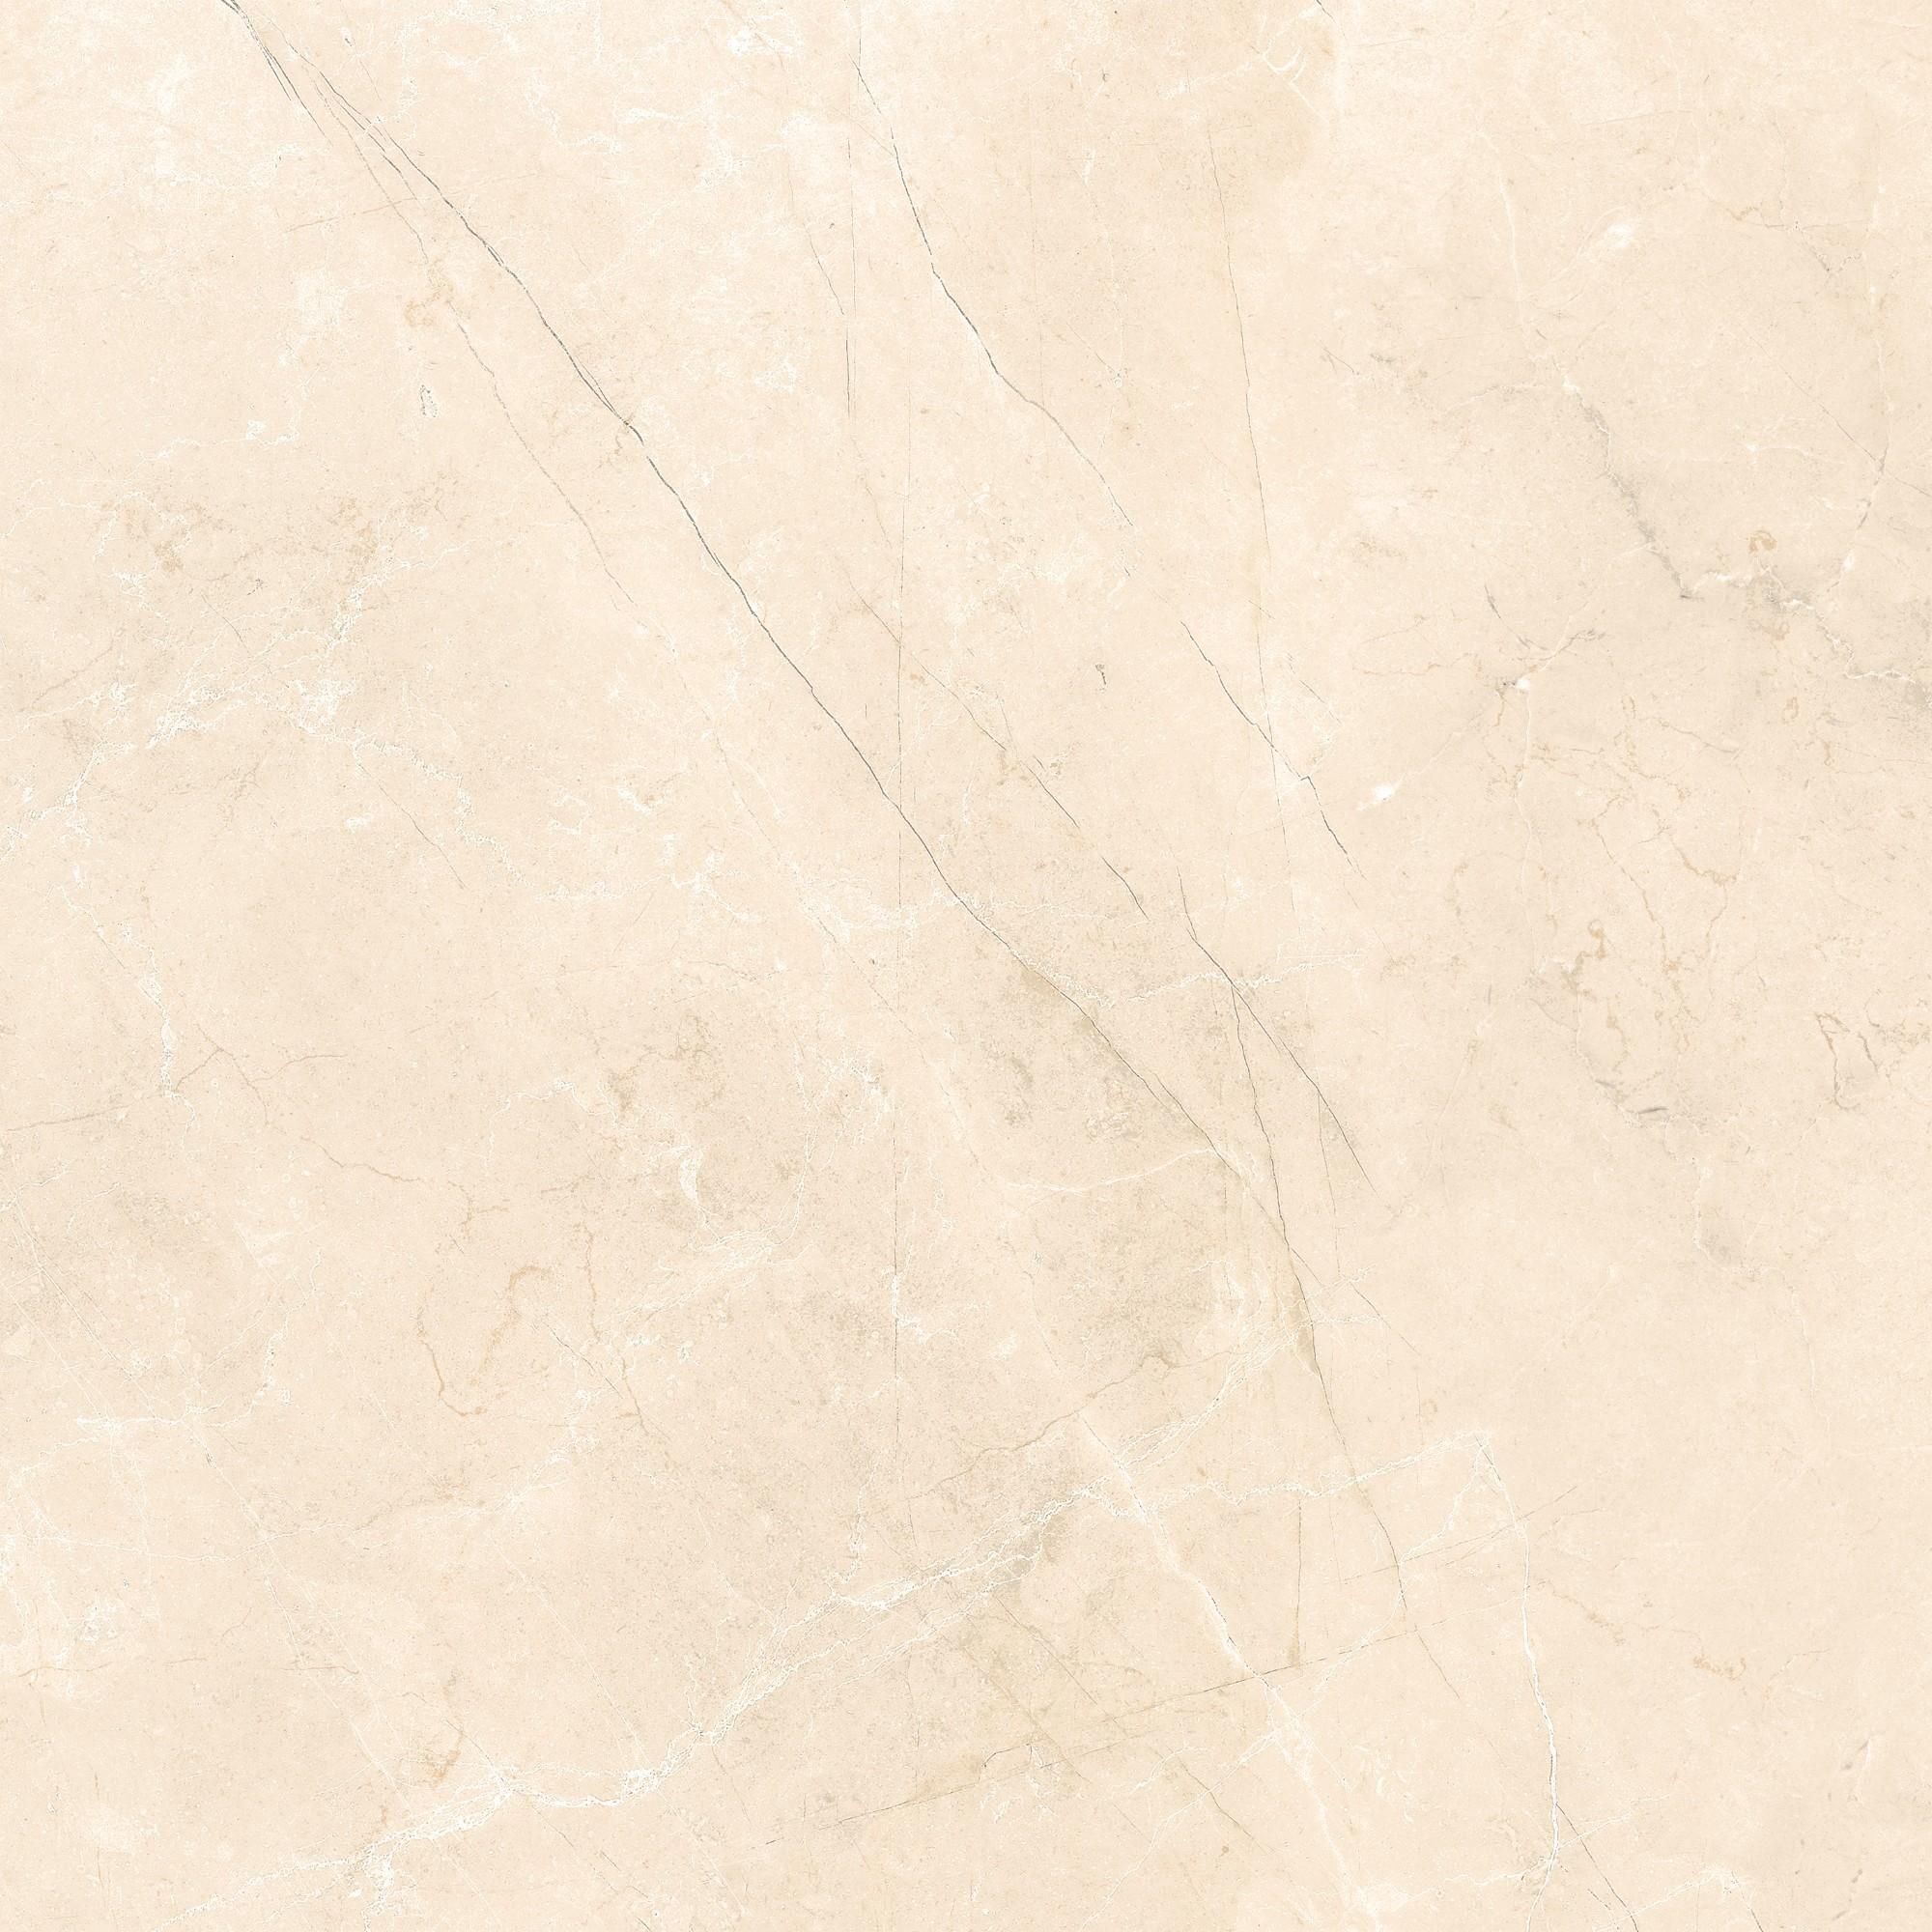 Ceramica Arielle Tipo A 53x53 cm Retificado Bege Marmorizado 222m Esmaltado Brilhante com Tecnologia de Impressao Digital HD